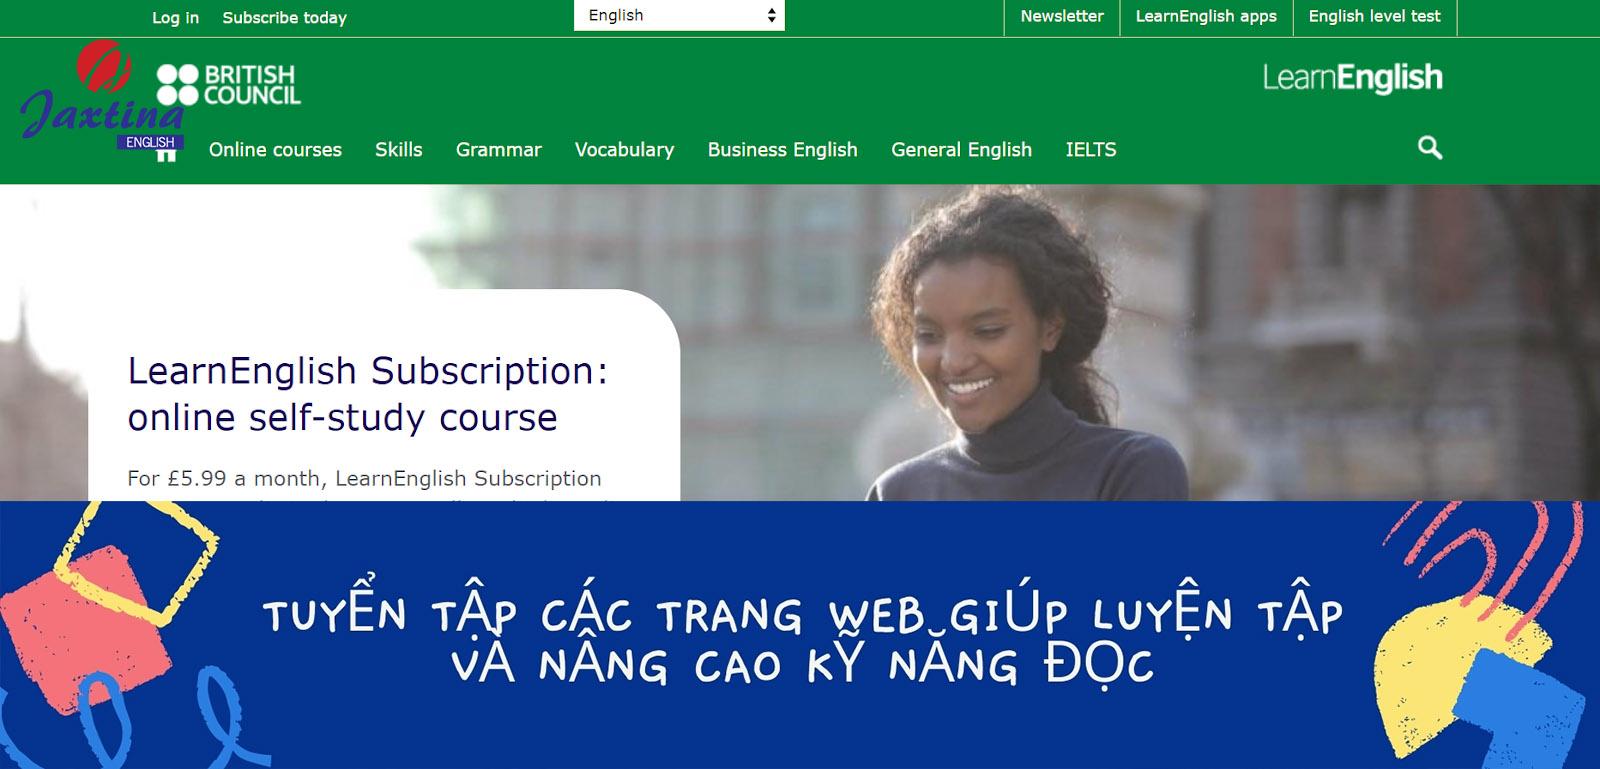 Tuyển Tập Các Trang Web Giúp Luyện Tập Và Nâng Cao Kỹ Năng Đọc